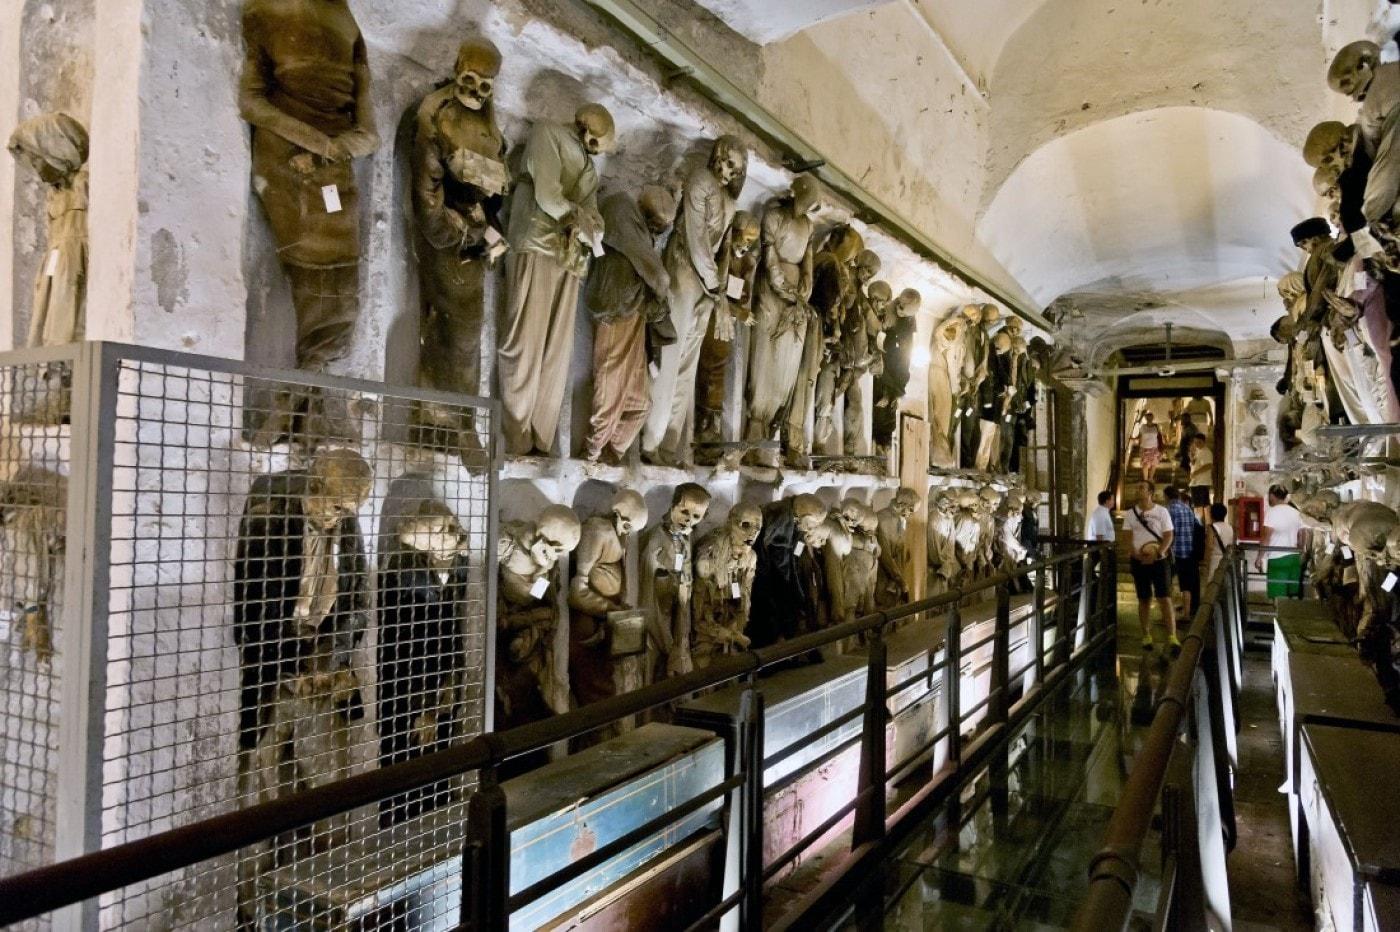 Самые жуткие места мира. Смотрим на подземелья, где лежат сотни живых  мертвецов